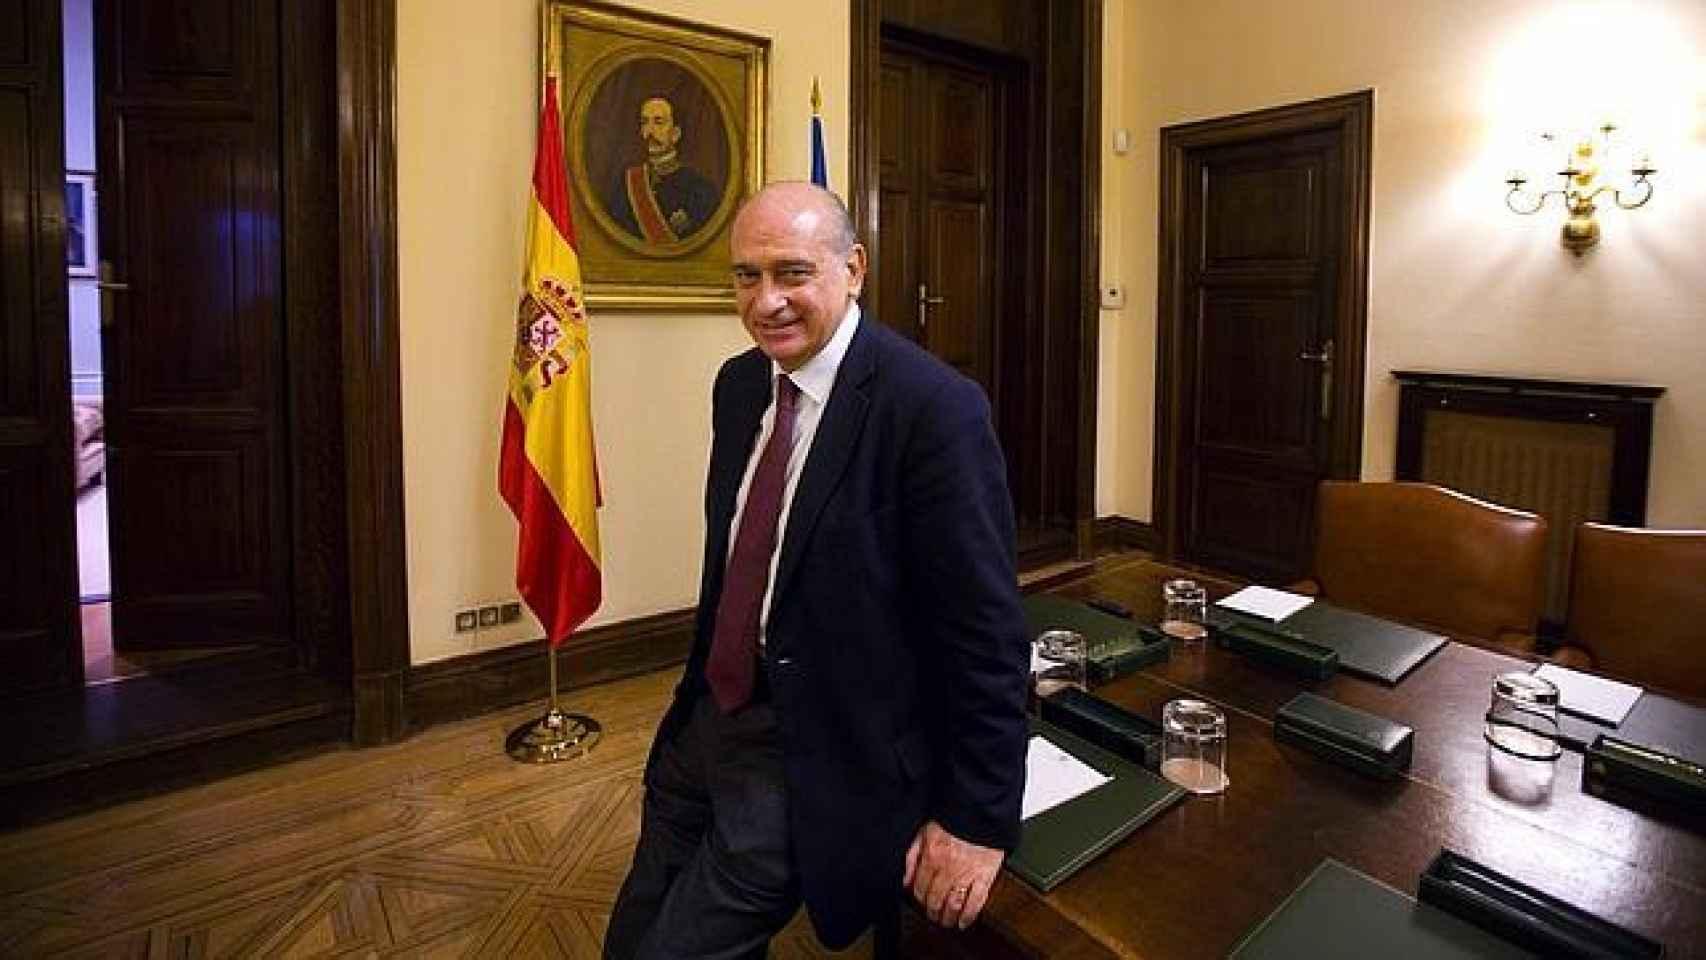 Jorge Fernández Díaz en su despacho. Al fondo, un retrato de Eduardo Dato, ministro de la Gobernación durante la regencia de María Cristina.